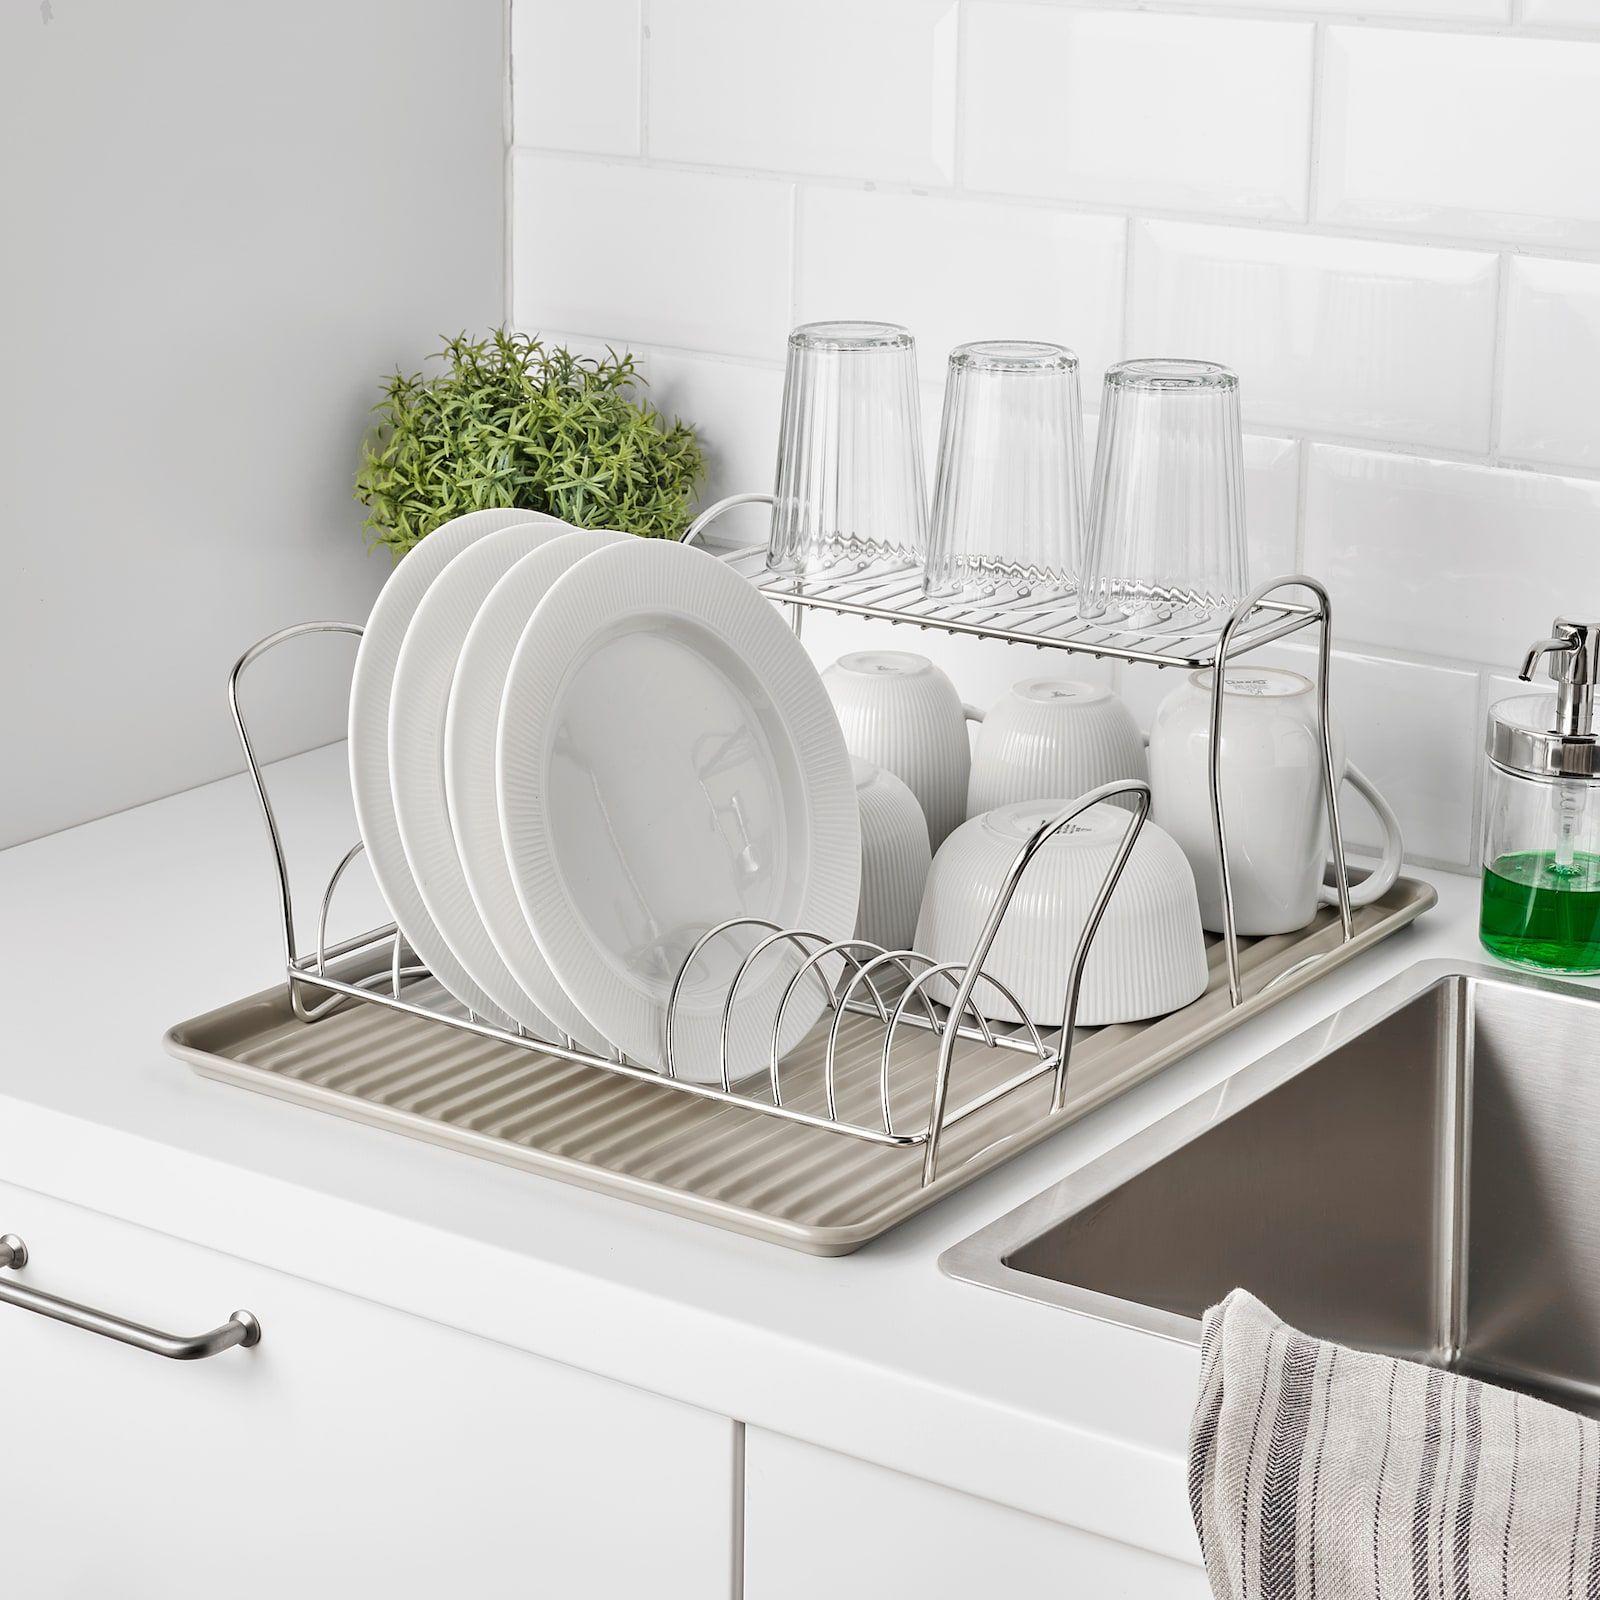 VÄLVÅRDAD Dish drying rack, stainless steel, 4 ¾x12 ½